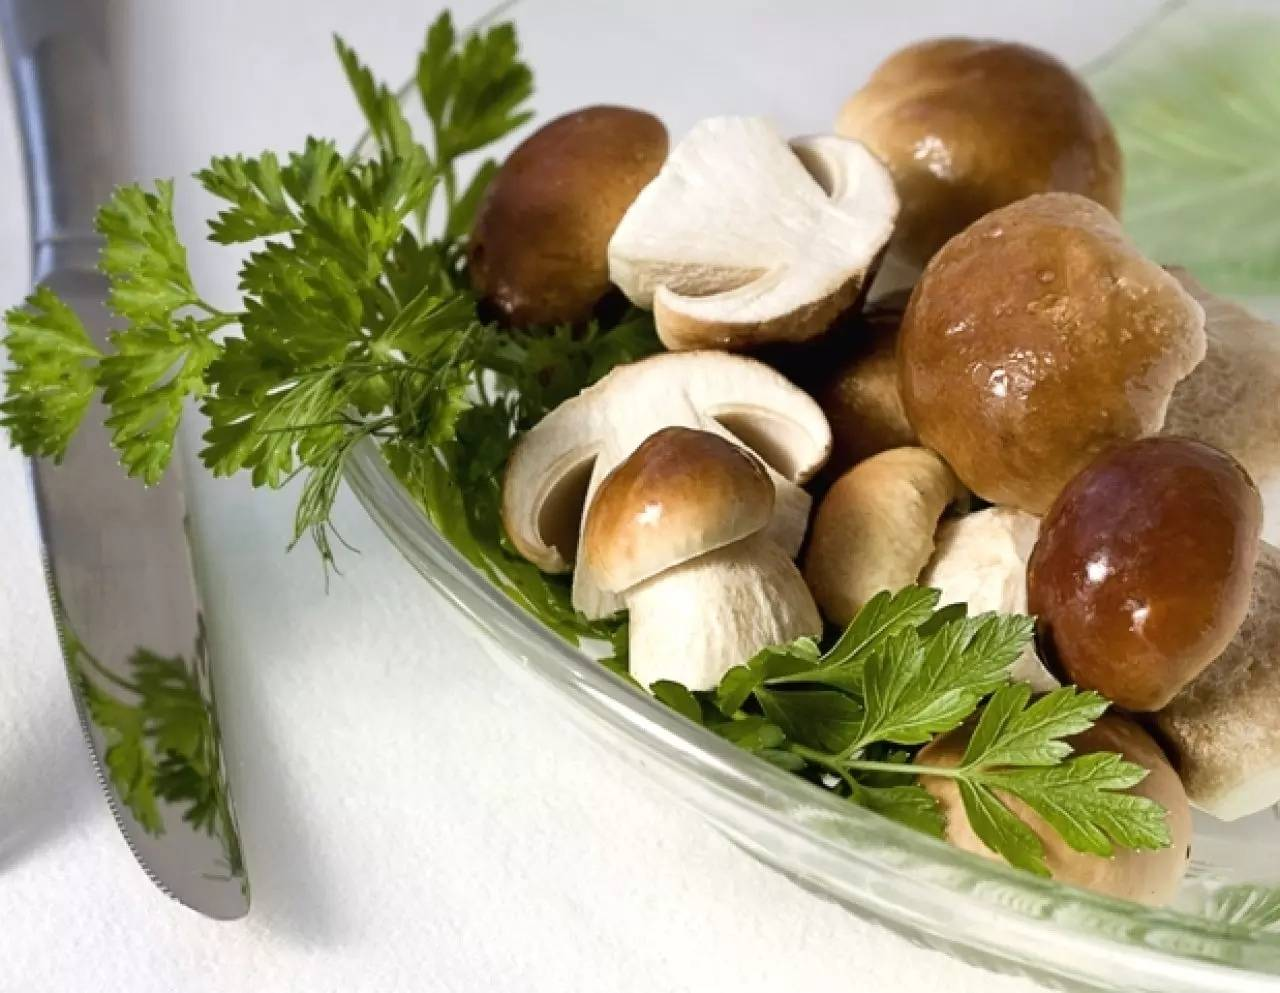 Какие грибы можно есть сырыми: +27 фото, описание и названия